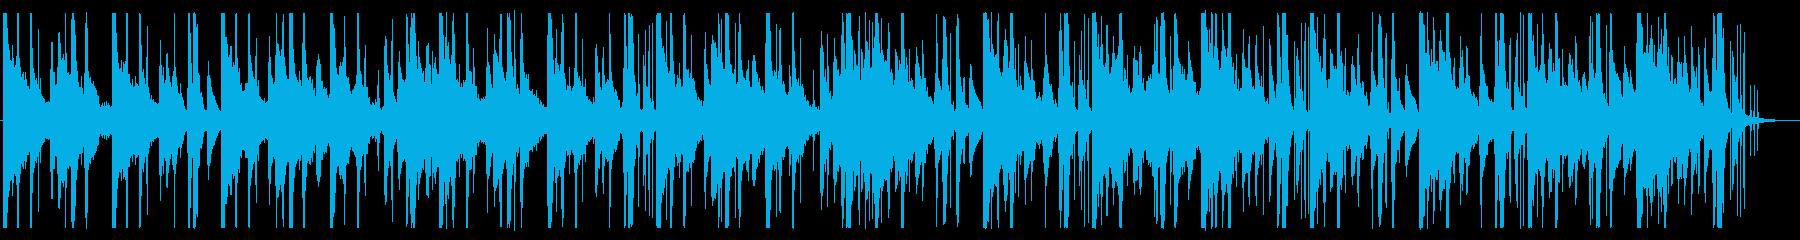 神秘的/ヒーリング_No477_2の再生済みの波形